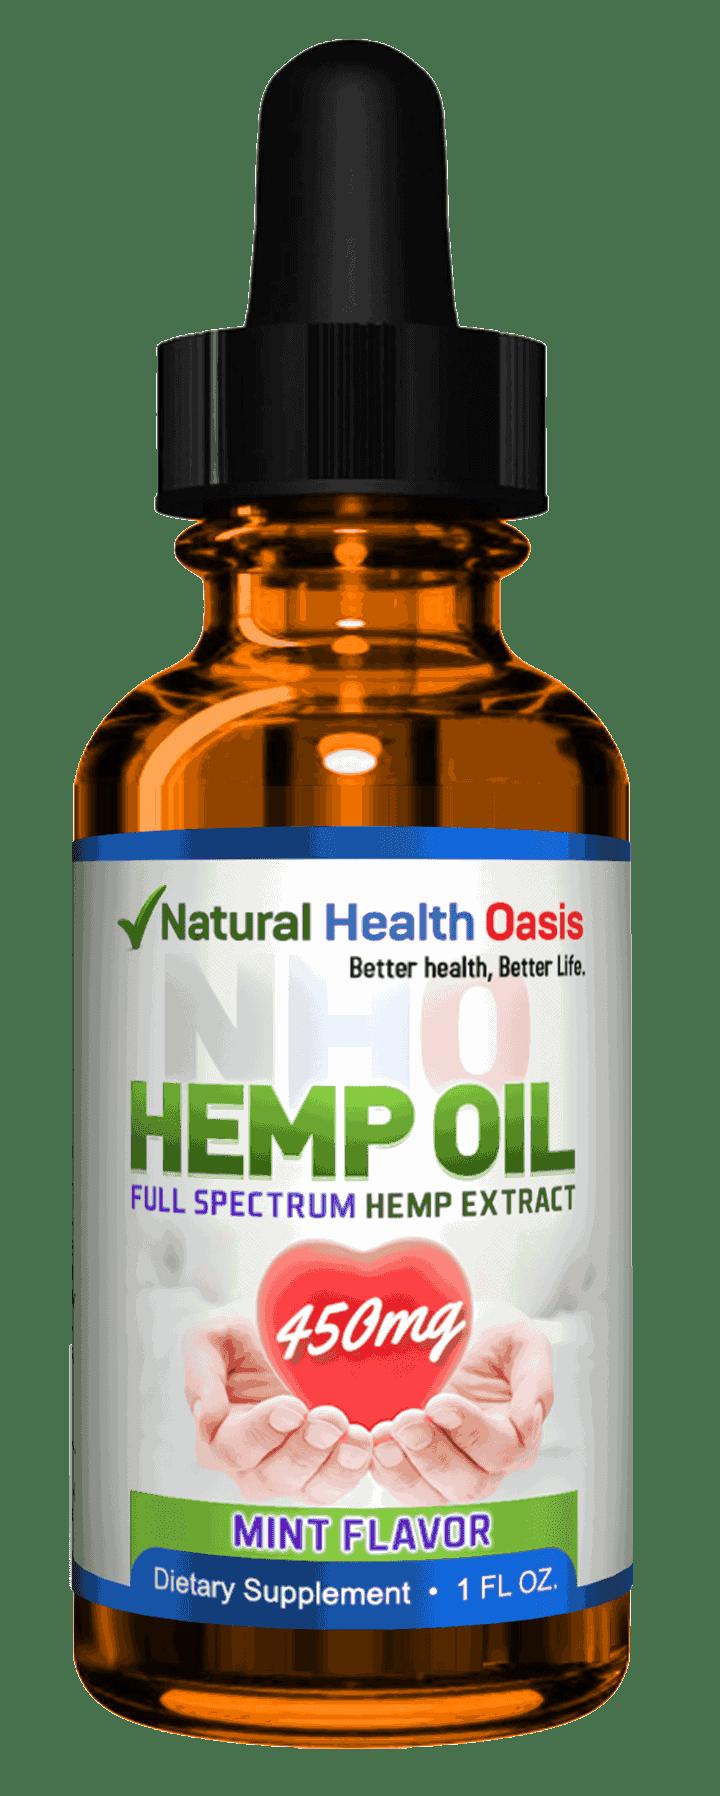 Nho Hemp Oil Full Spectrum Hemp Oil Extract Natural